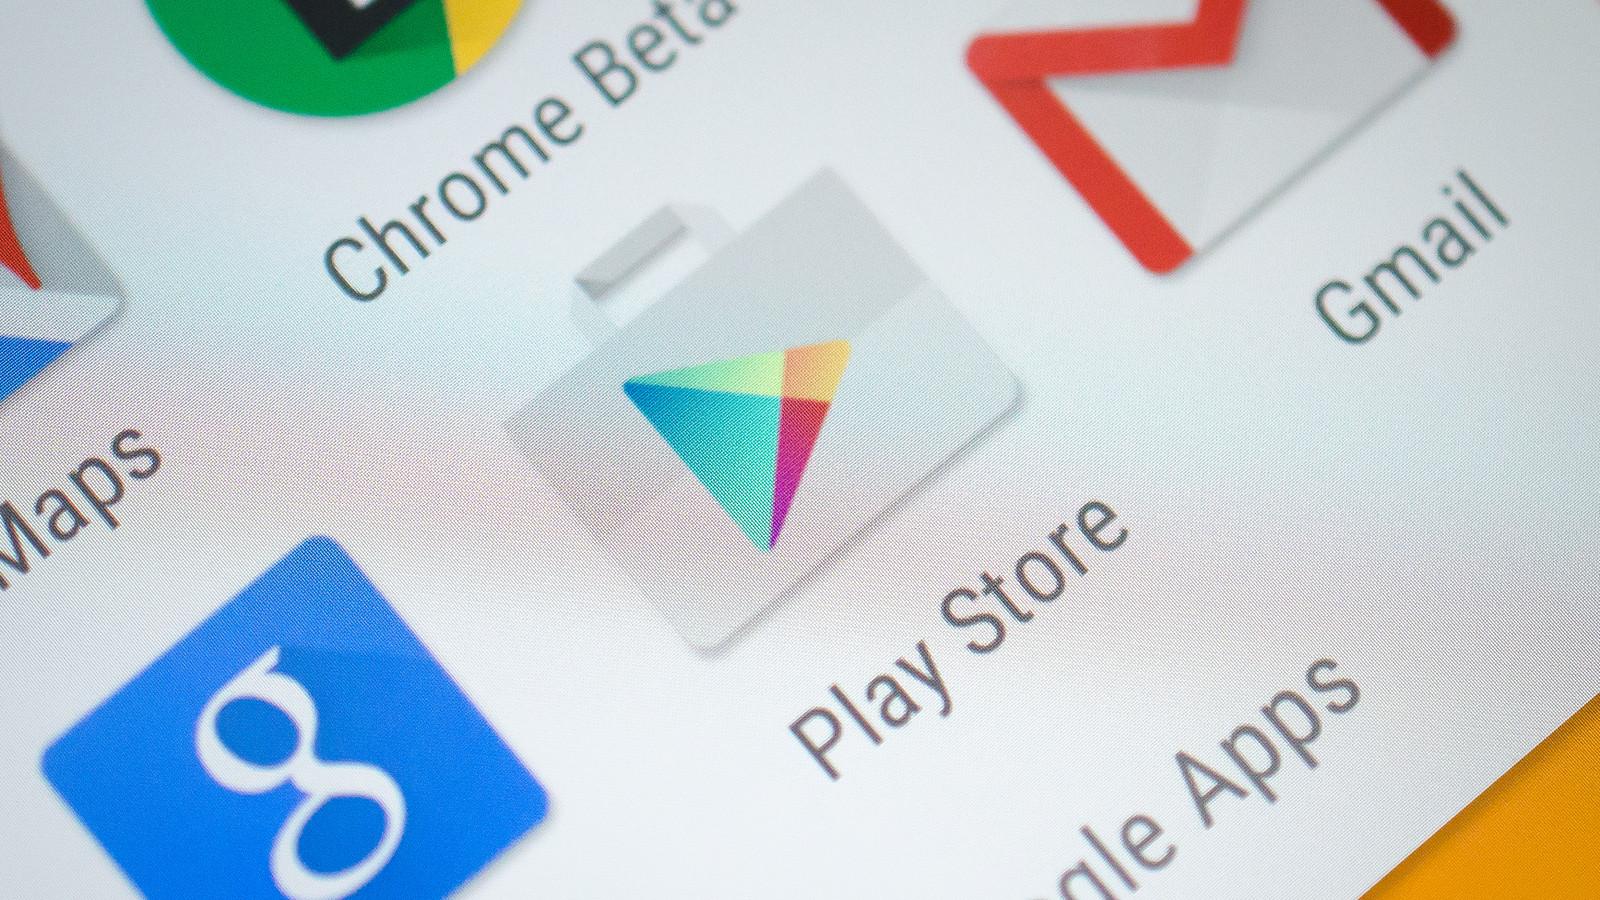 Obchod Play bude šetrnější na data